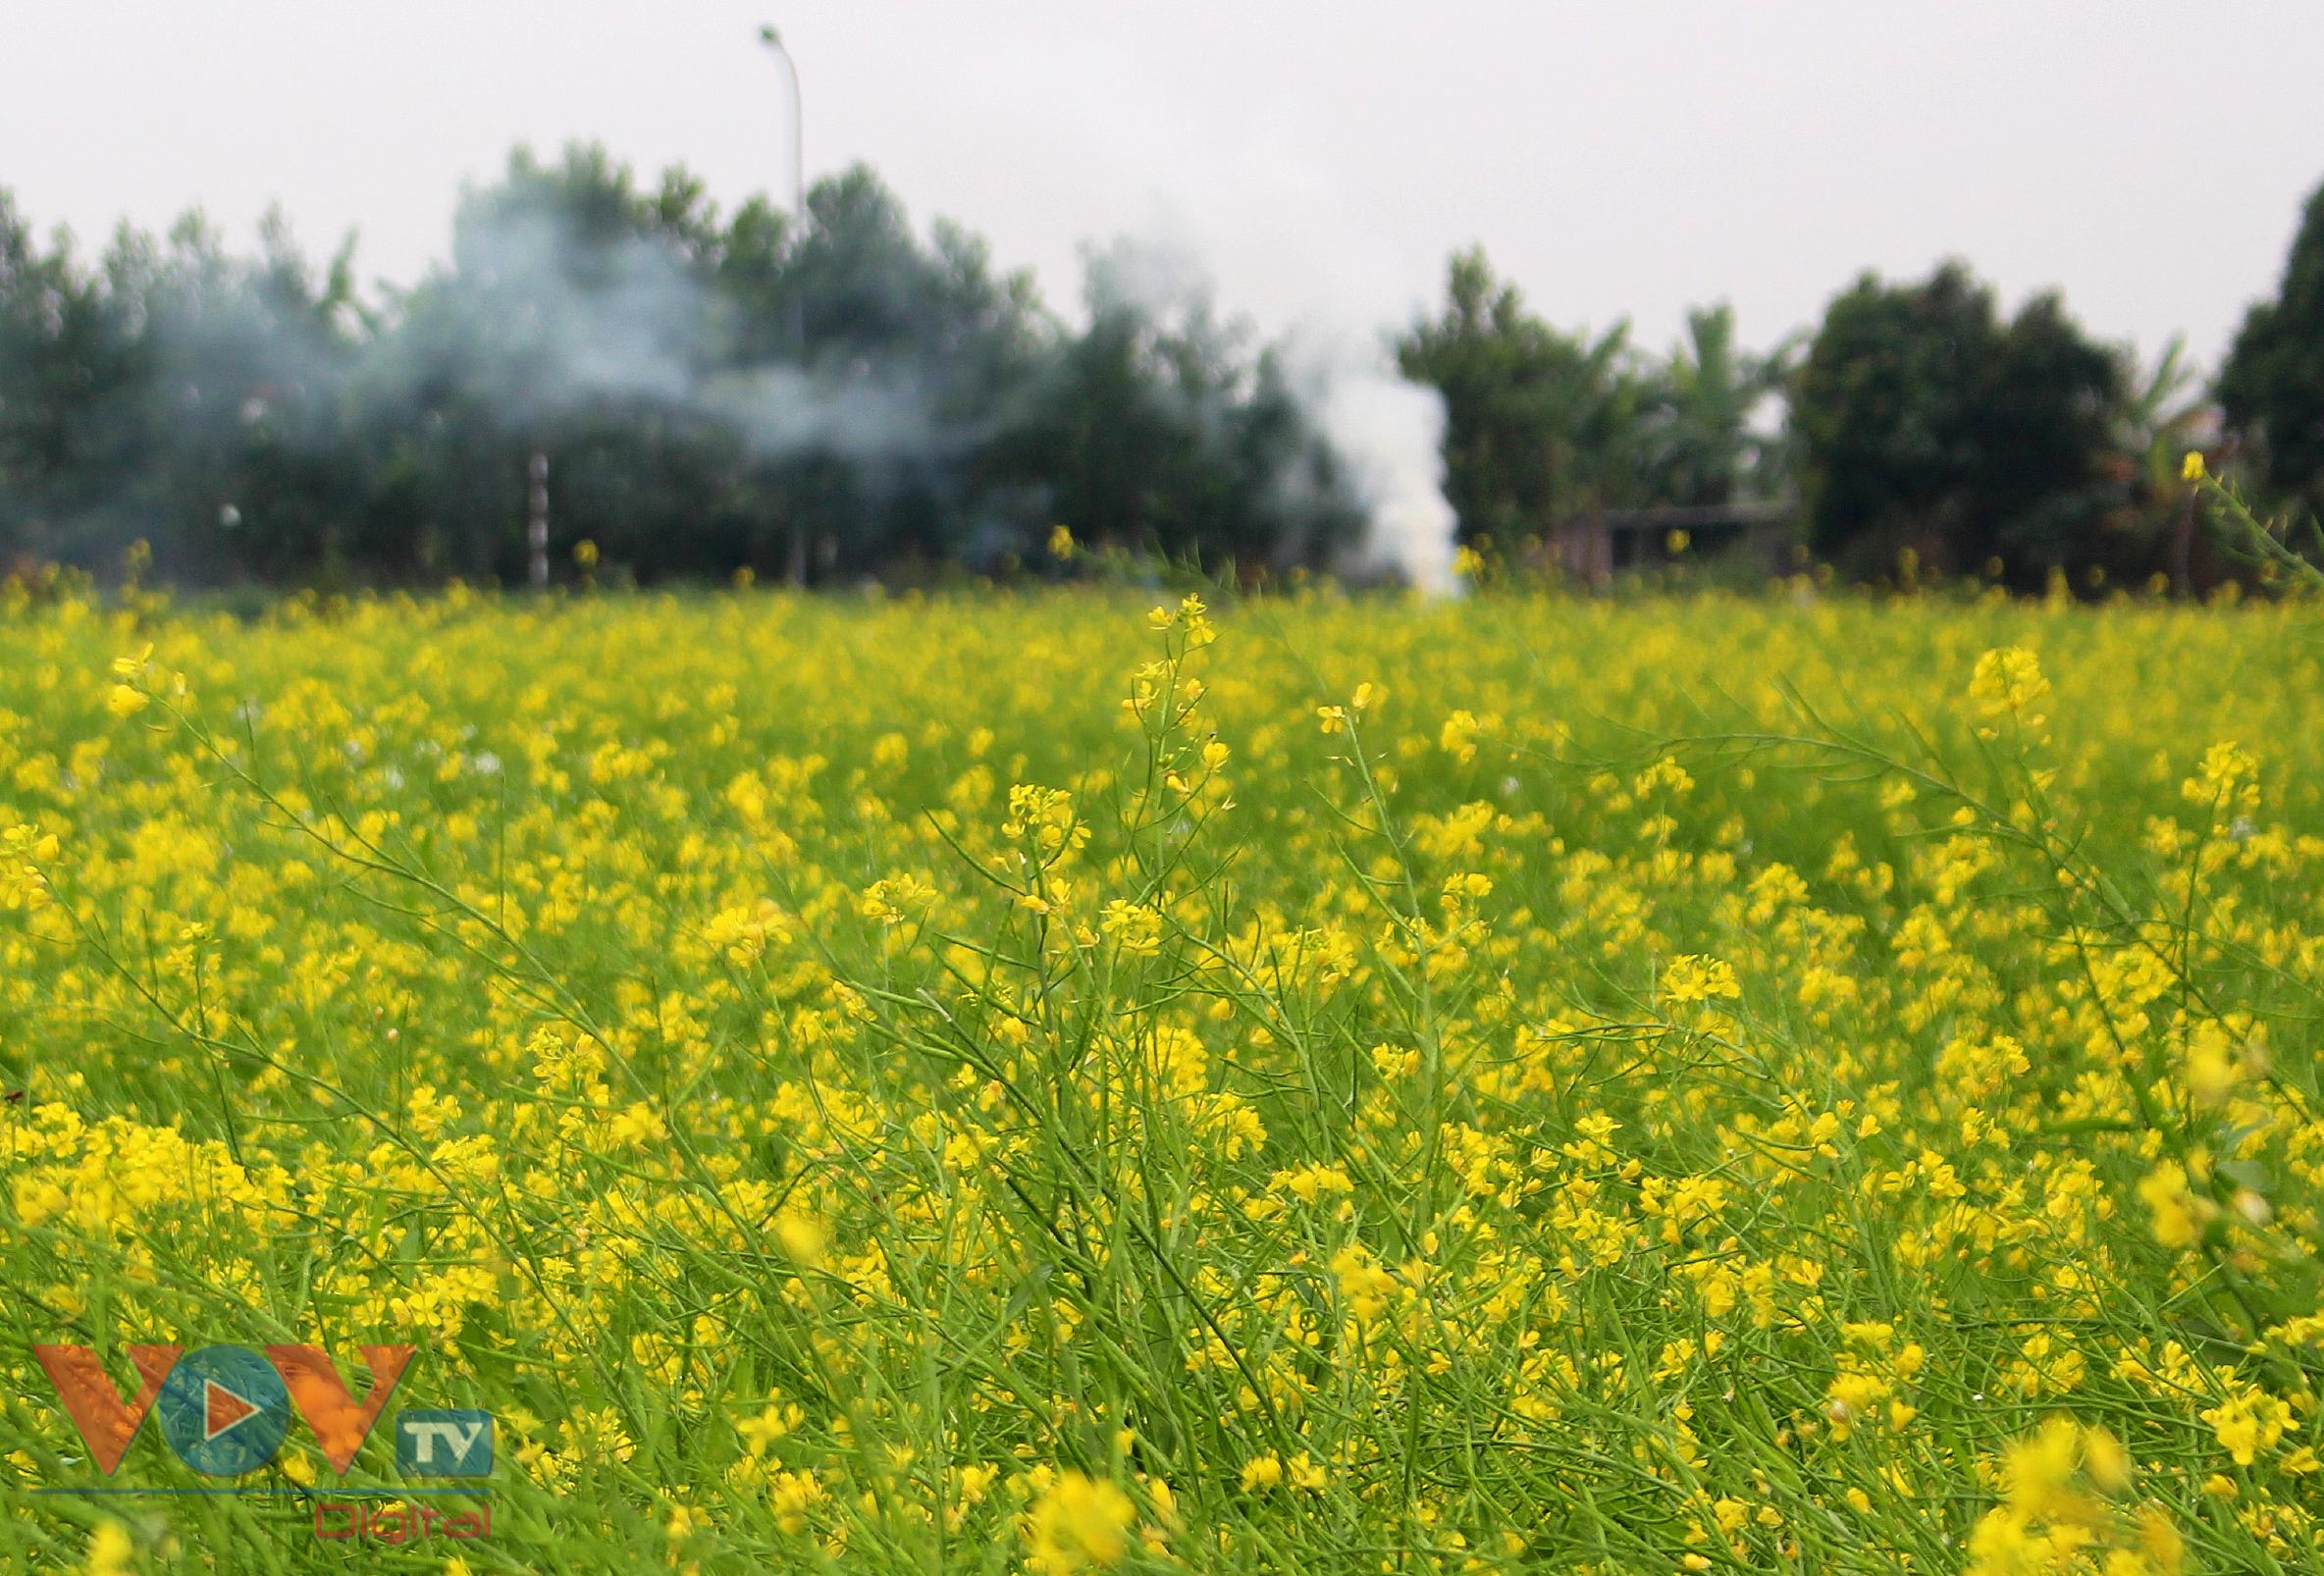 Rực rỡ cánh đồng hoa cải vàng ven sông - Ảnh 10.